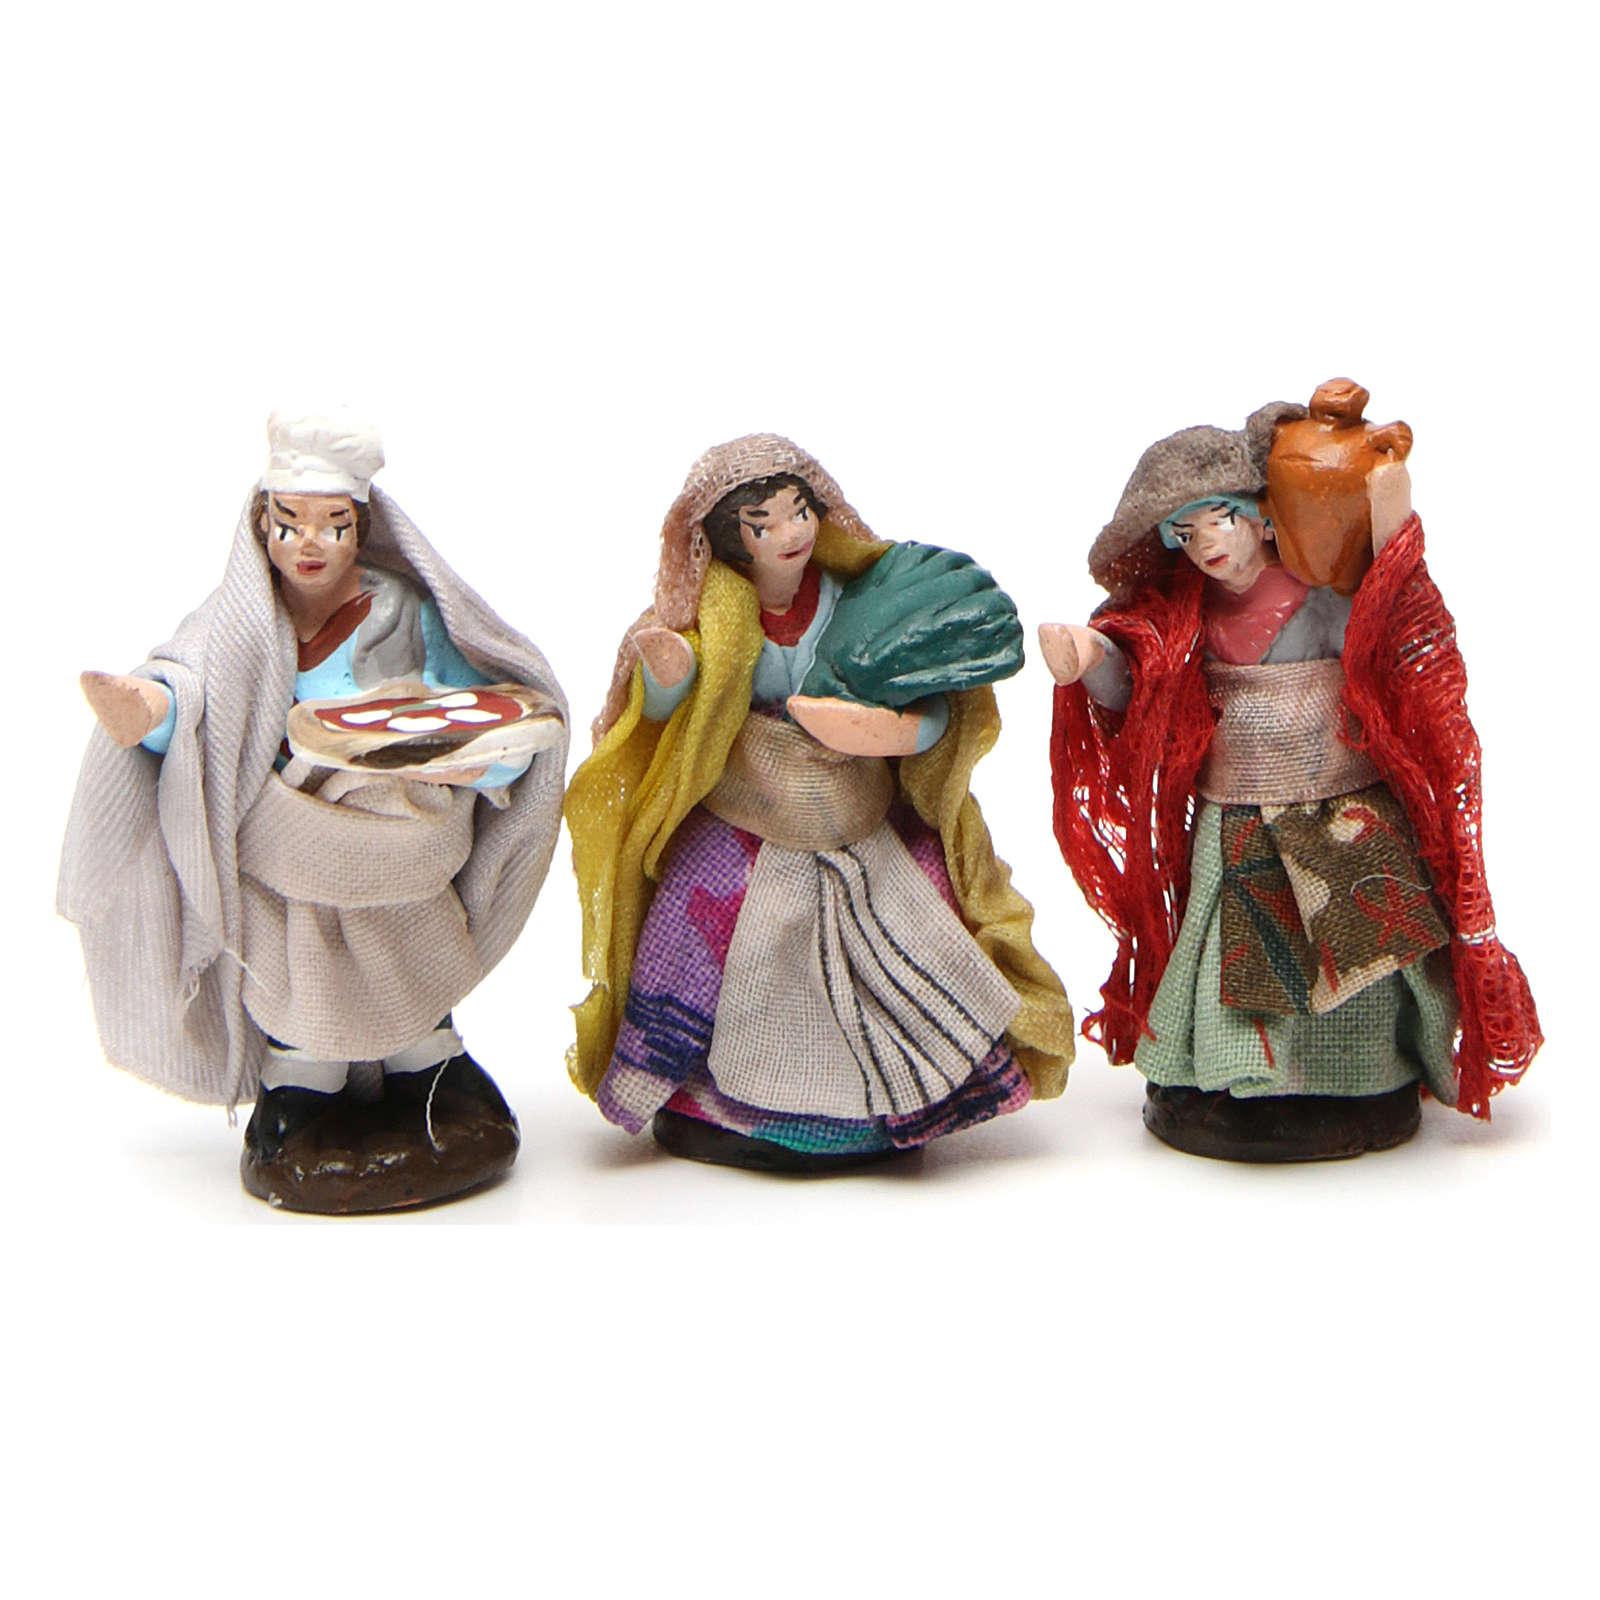 Set 6 statuine per presepe napoletano di 4 cm | vendita